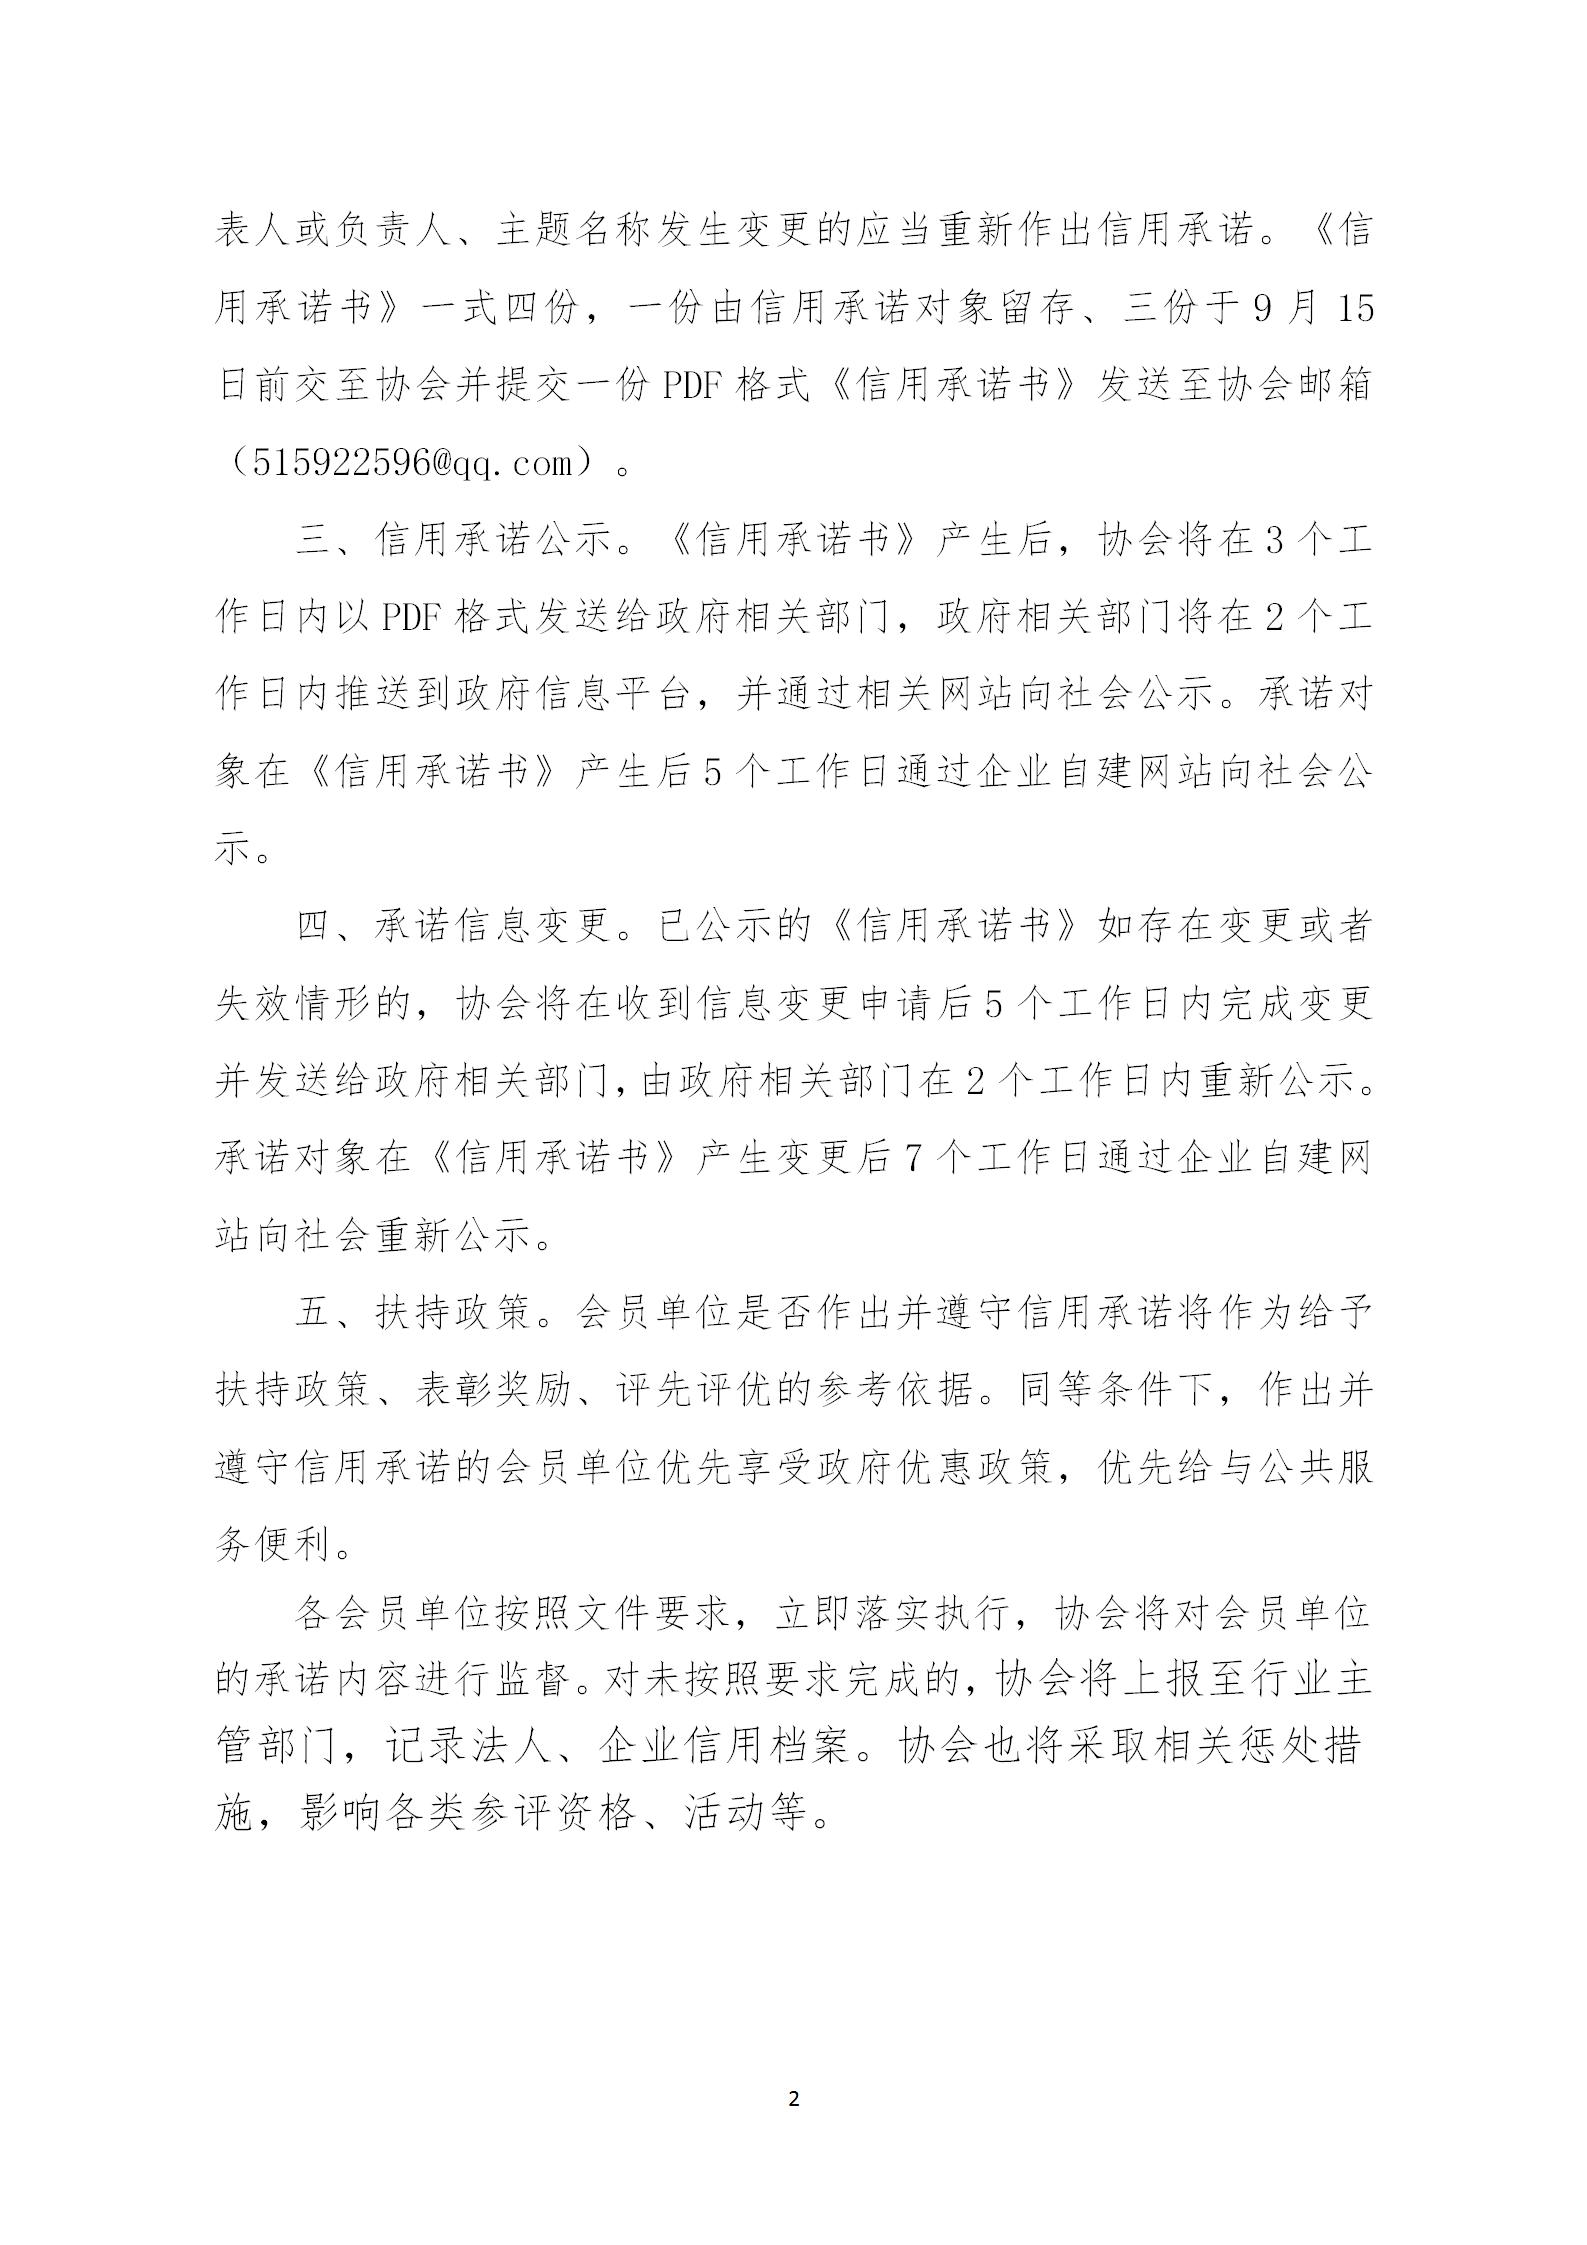 洪物协字[2020]19号关于在物业行业开展信用承诺工作的通知_02.png